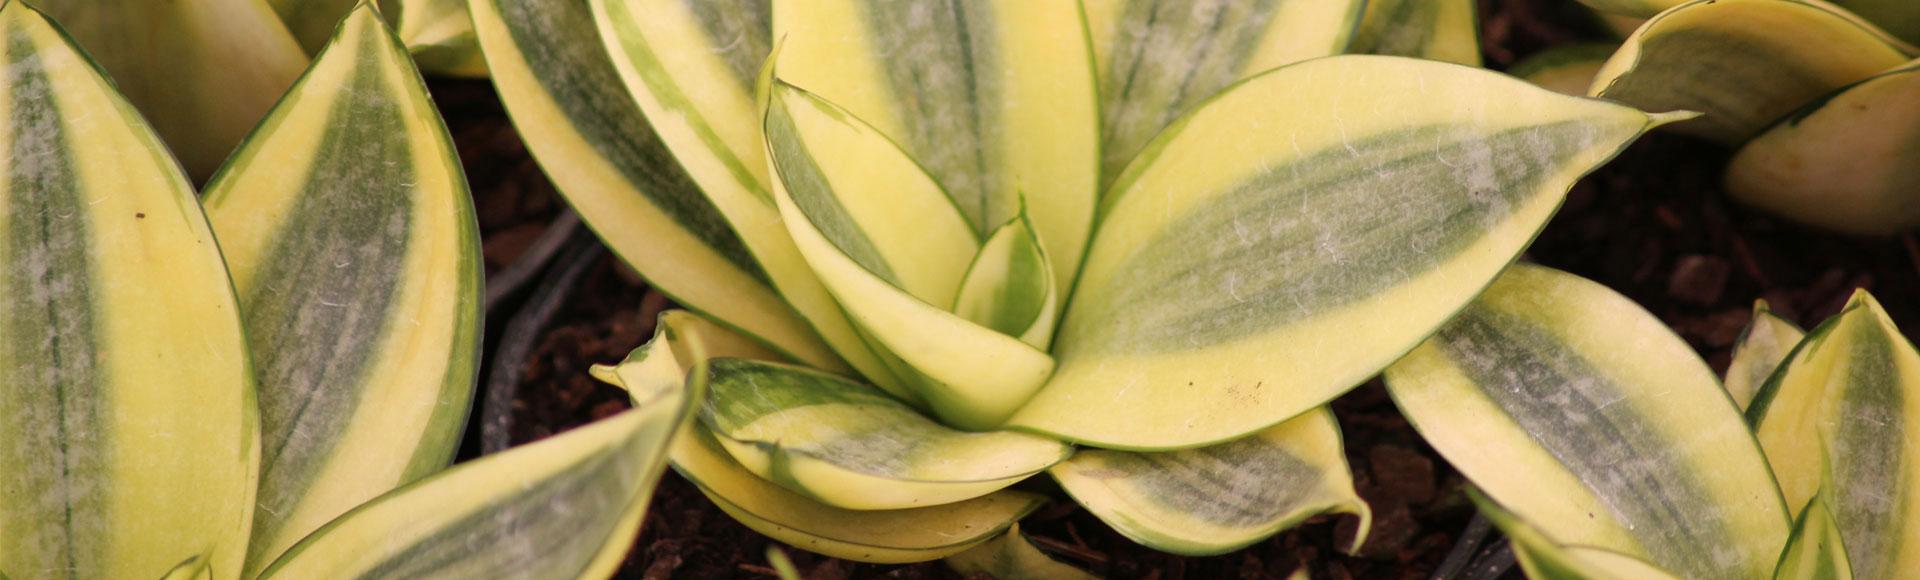 Dr cactus flores e plantas ornamentais cactos plantas for Cactus de exterior